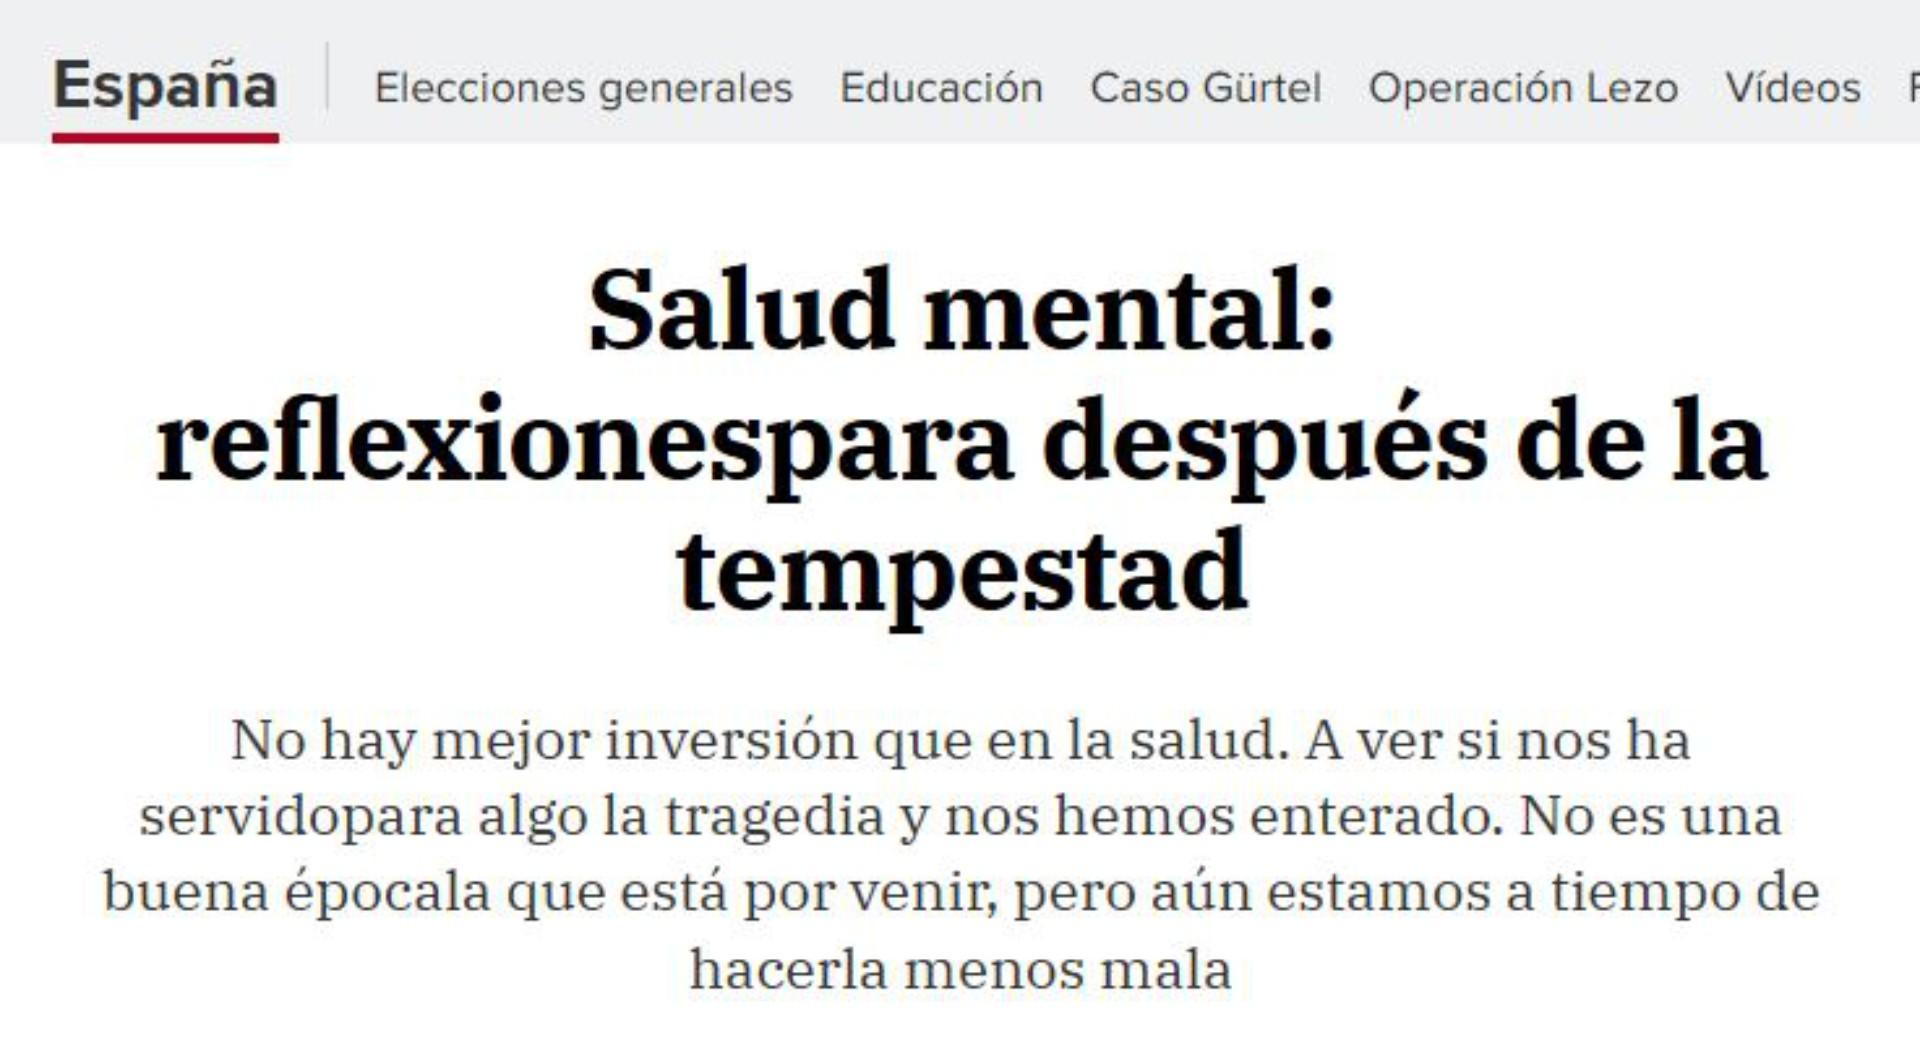 """Artículo en el Diario HOY """"Salud mental: reflexionespara después de la tempestad"""""""